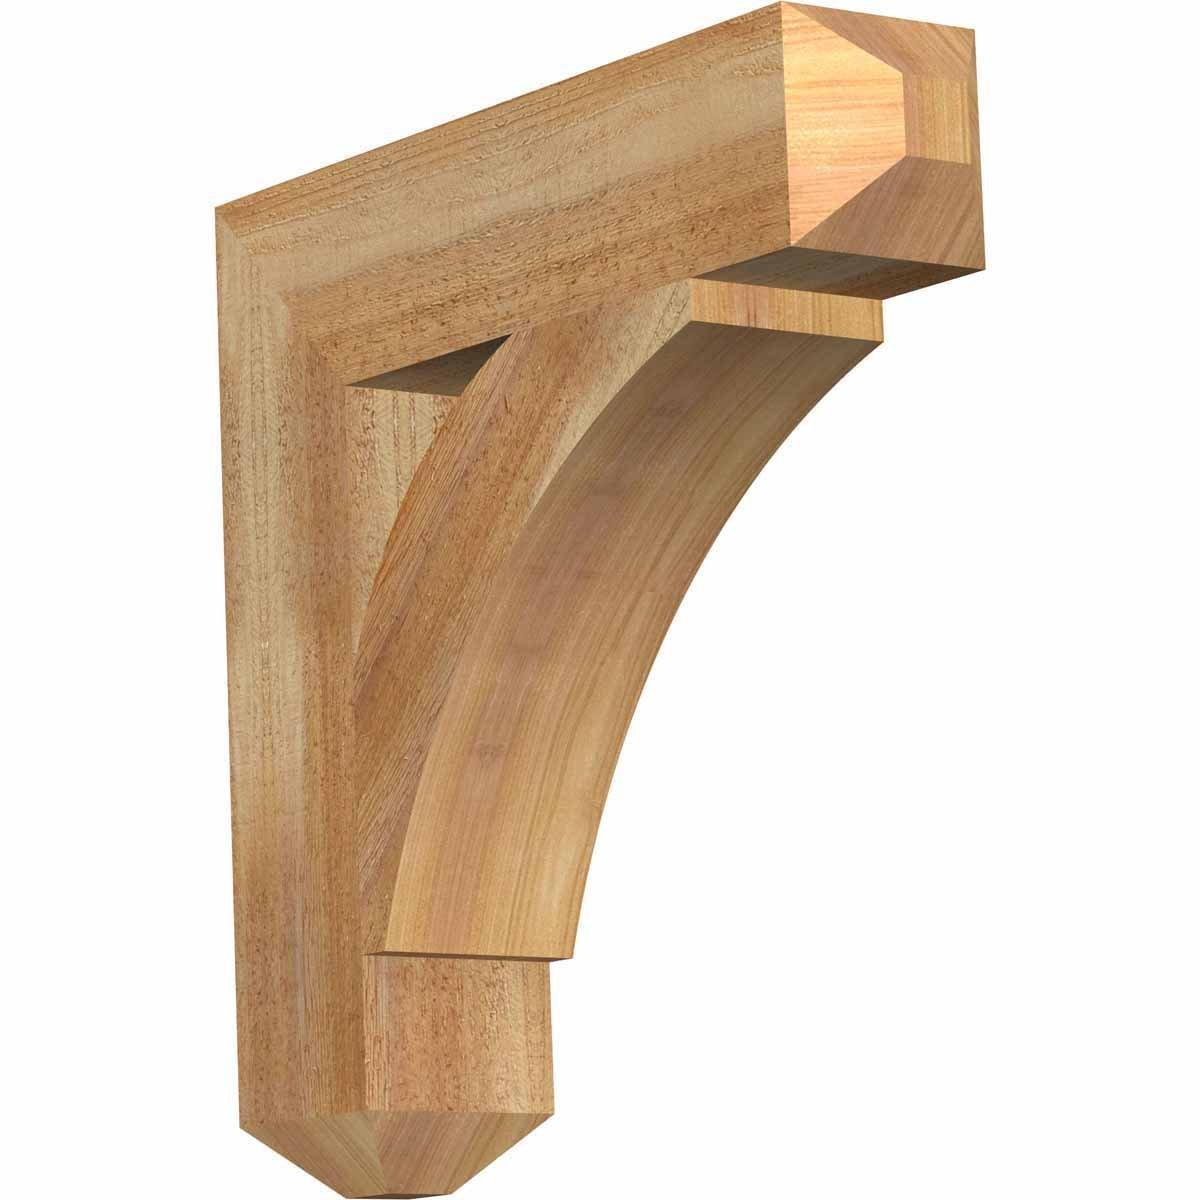 Ekena Millwork BKT04X18X18THR04RWR Thorton Craftsman Rough Sawn Bracket, 4'' Width x 18'' Depth x 18'' Height, Western Red Cedar